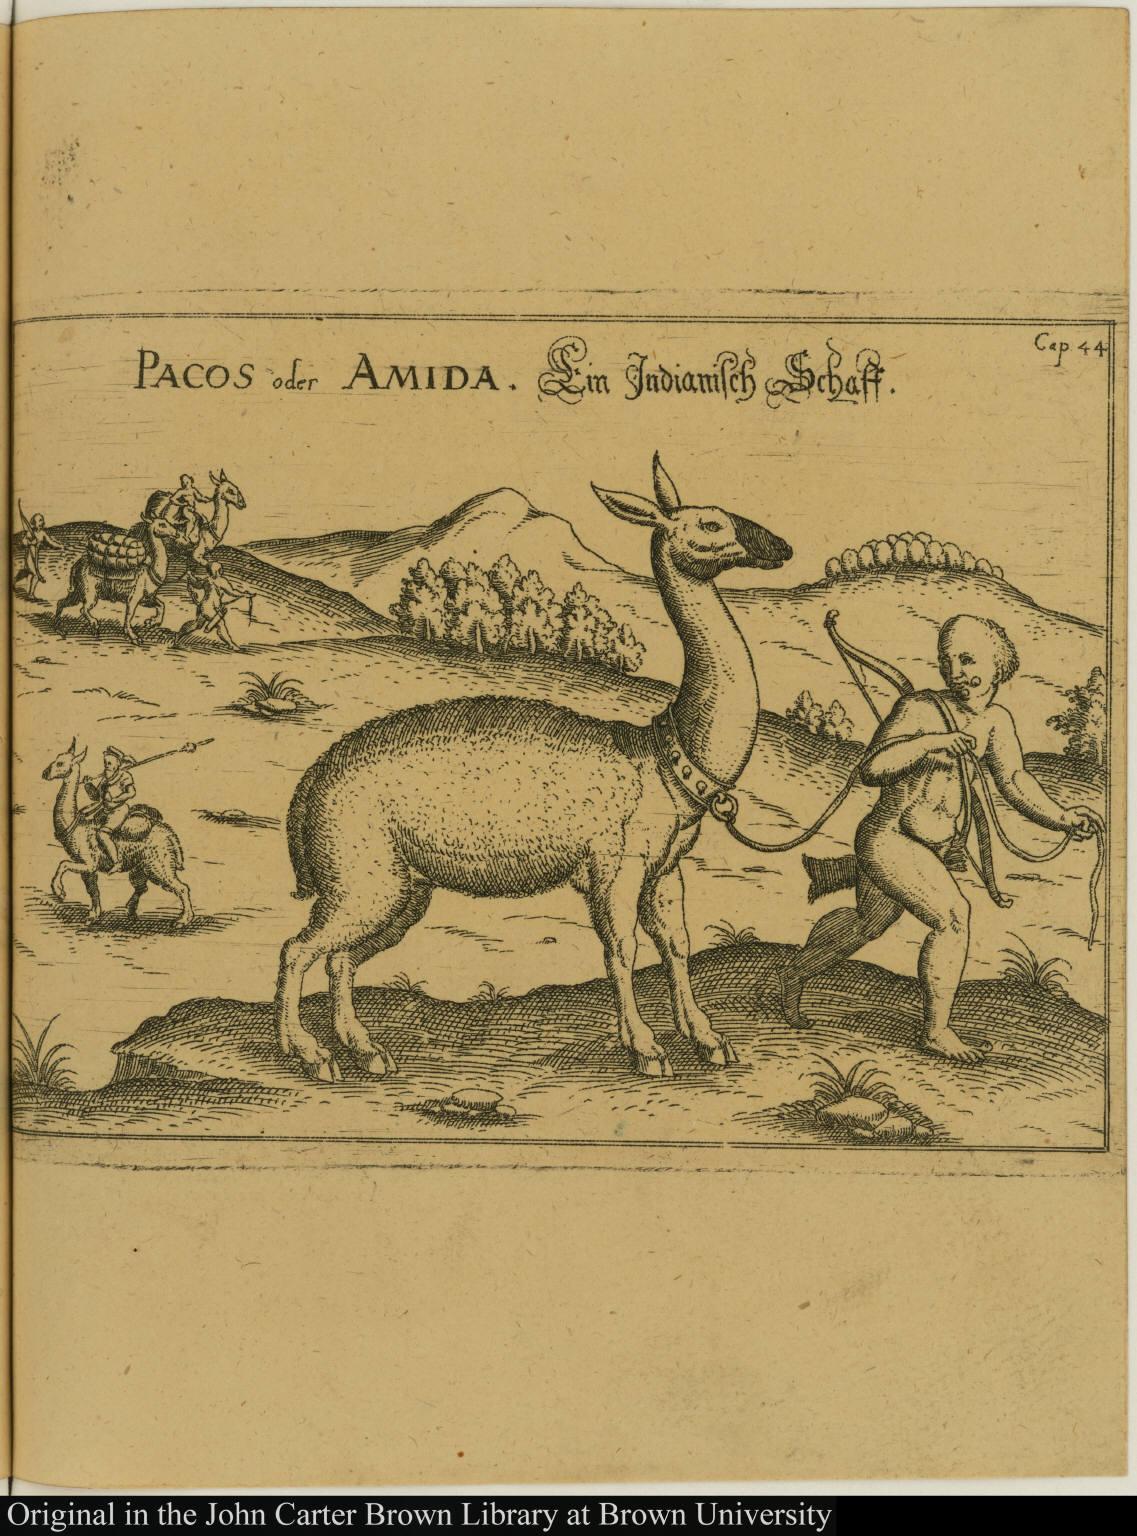 Pacos oder Amida. Ein Indianisch Schaff.